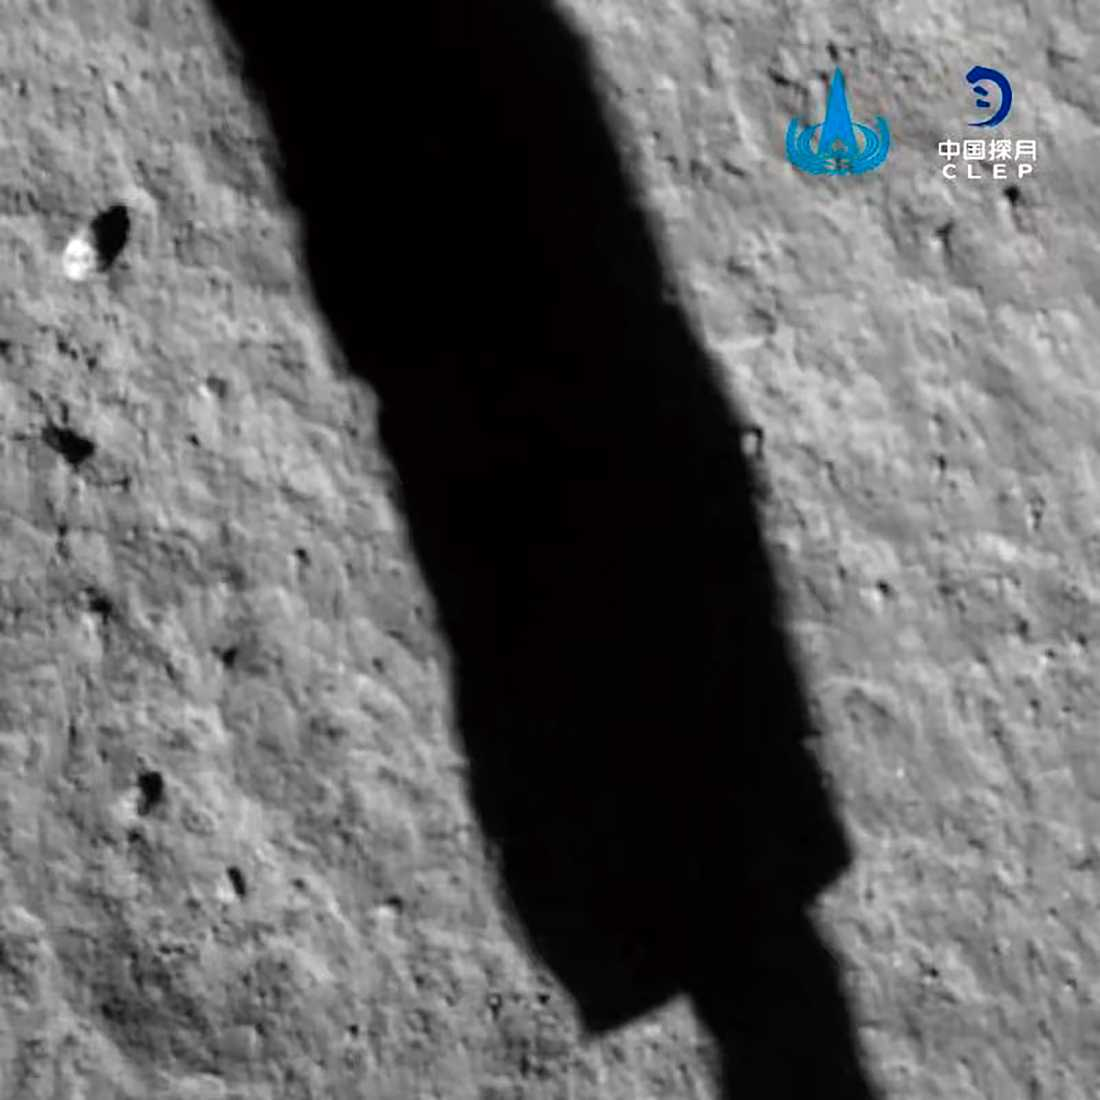 Chang'e 5 fotograferar delar av sin egen skugga på månytan. Bild från kinesiska rymdorganet CNSA.